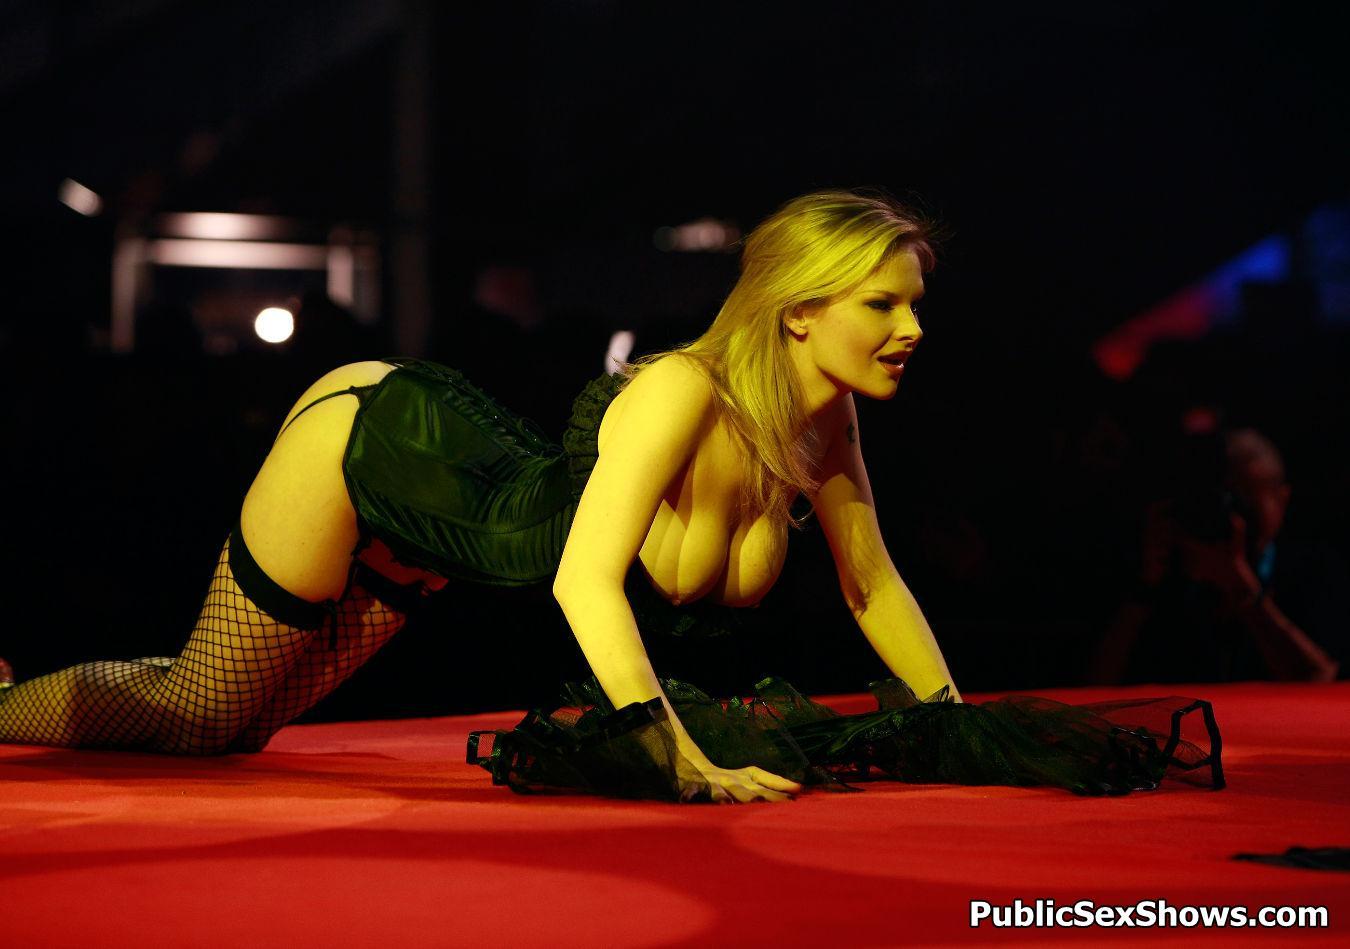 Live Striptease Show Porn Videos at